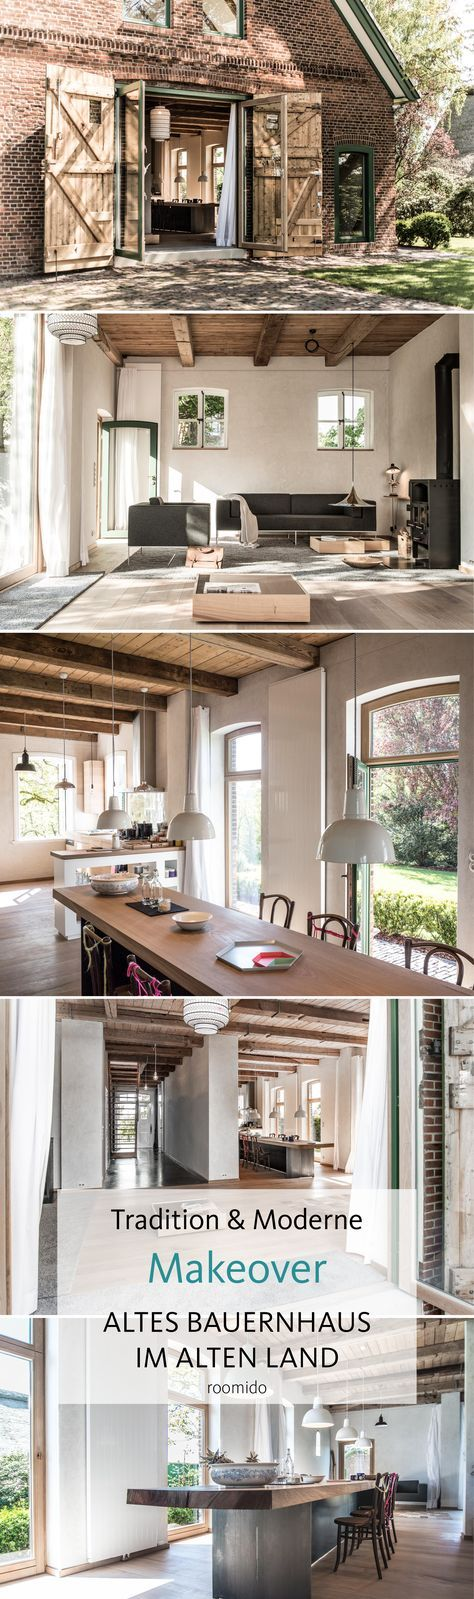 93 best Wohnen images on Pinterest Architecture, Beautiful - küche landhaus modern